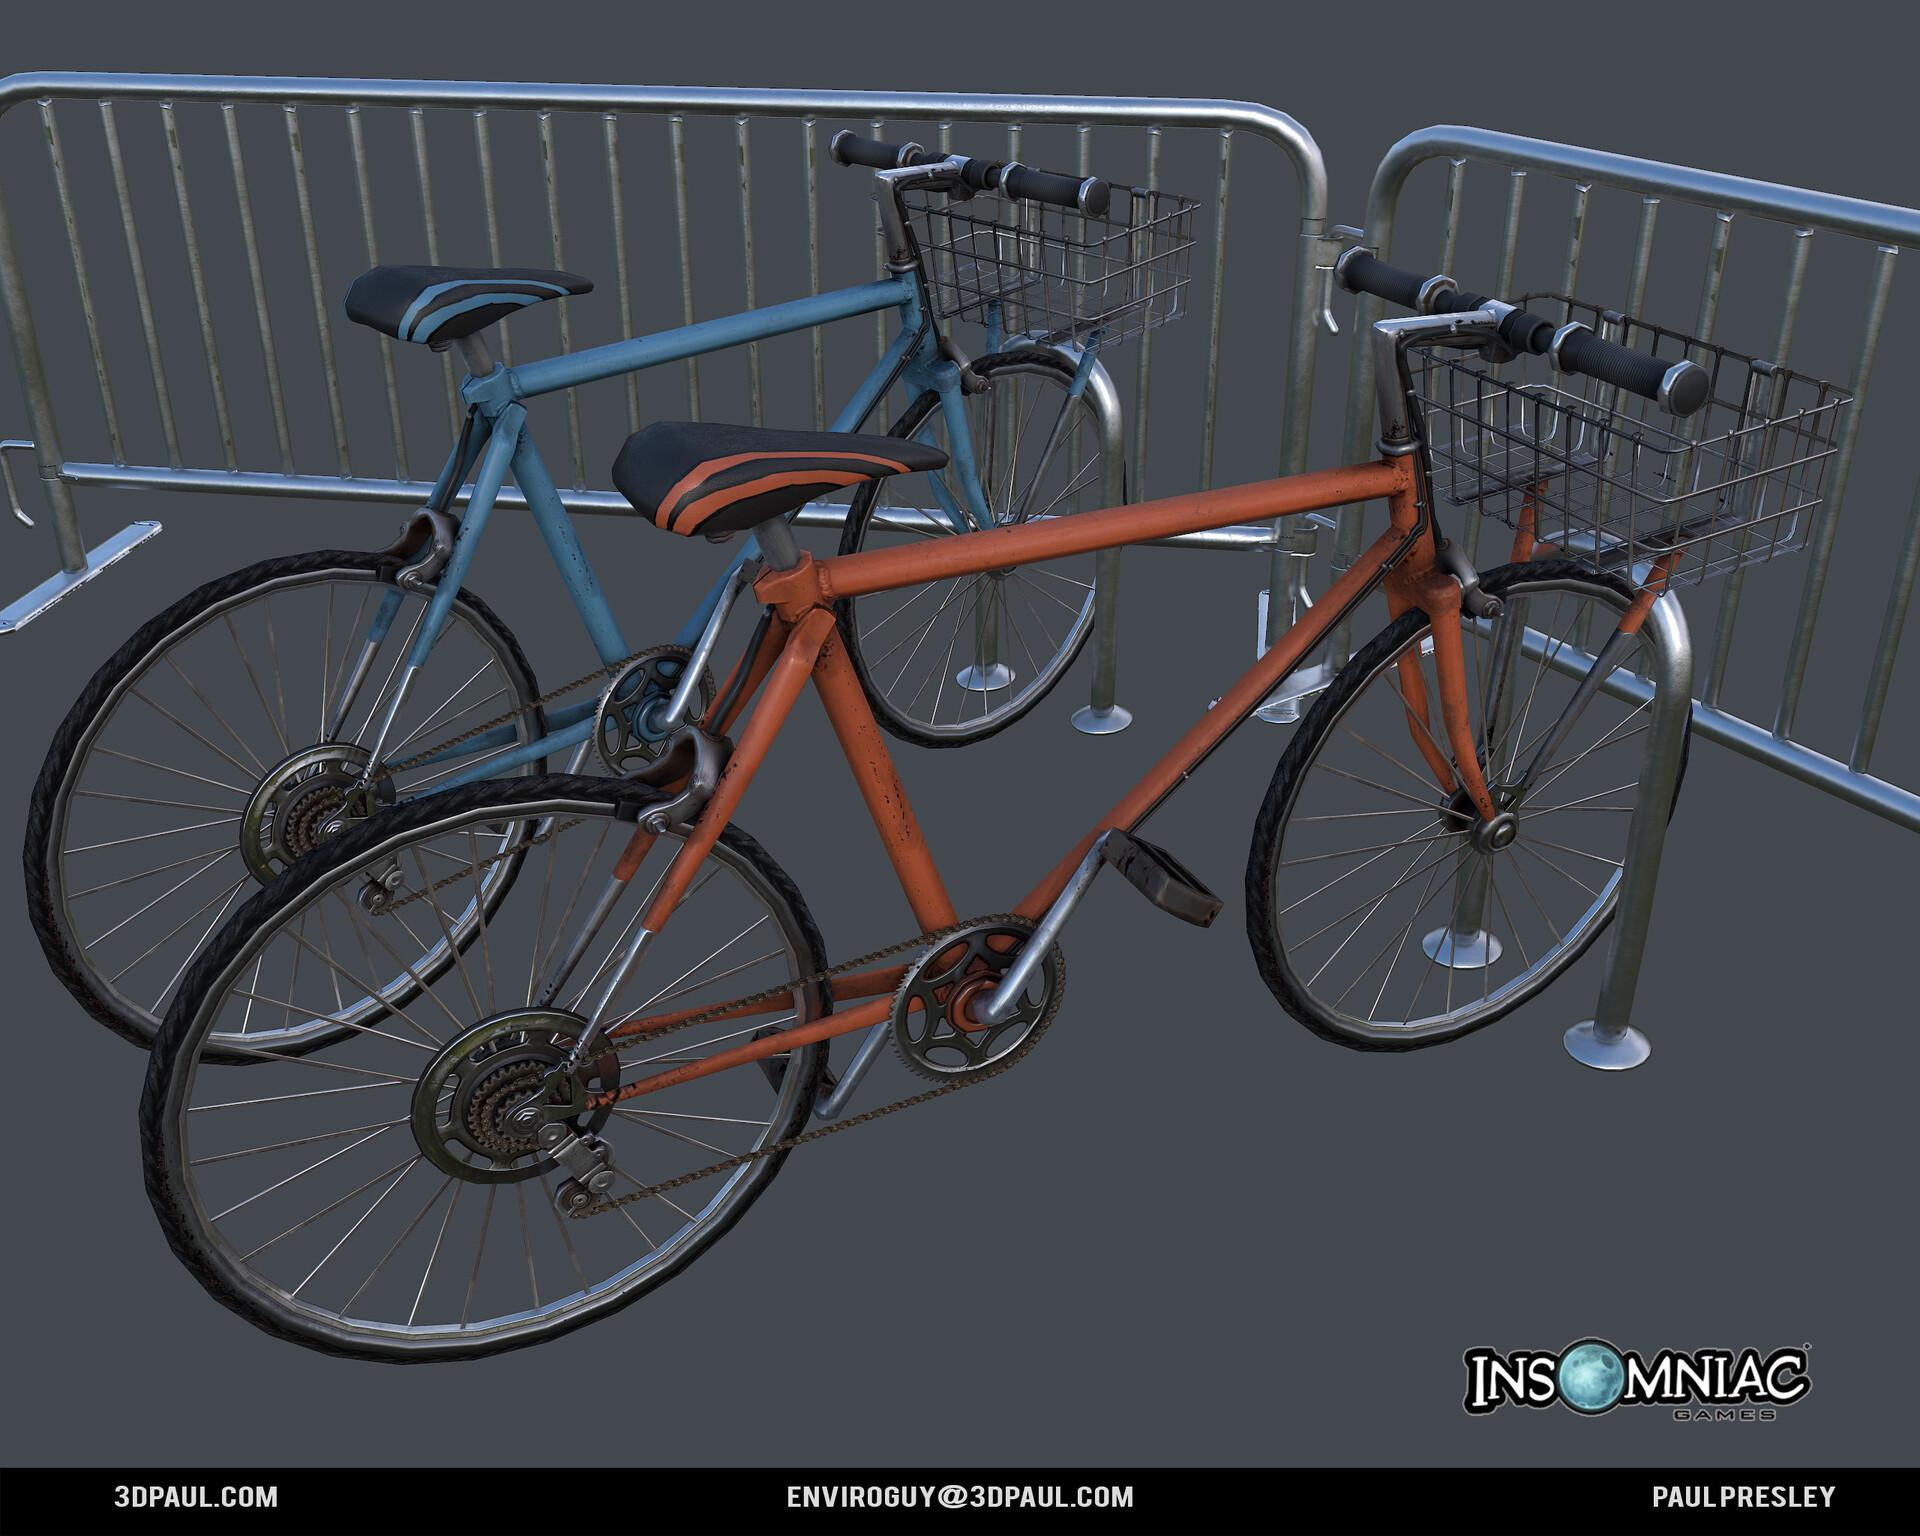 Paul presley ig spider 01 bike